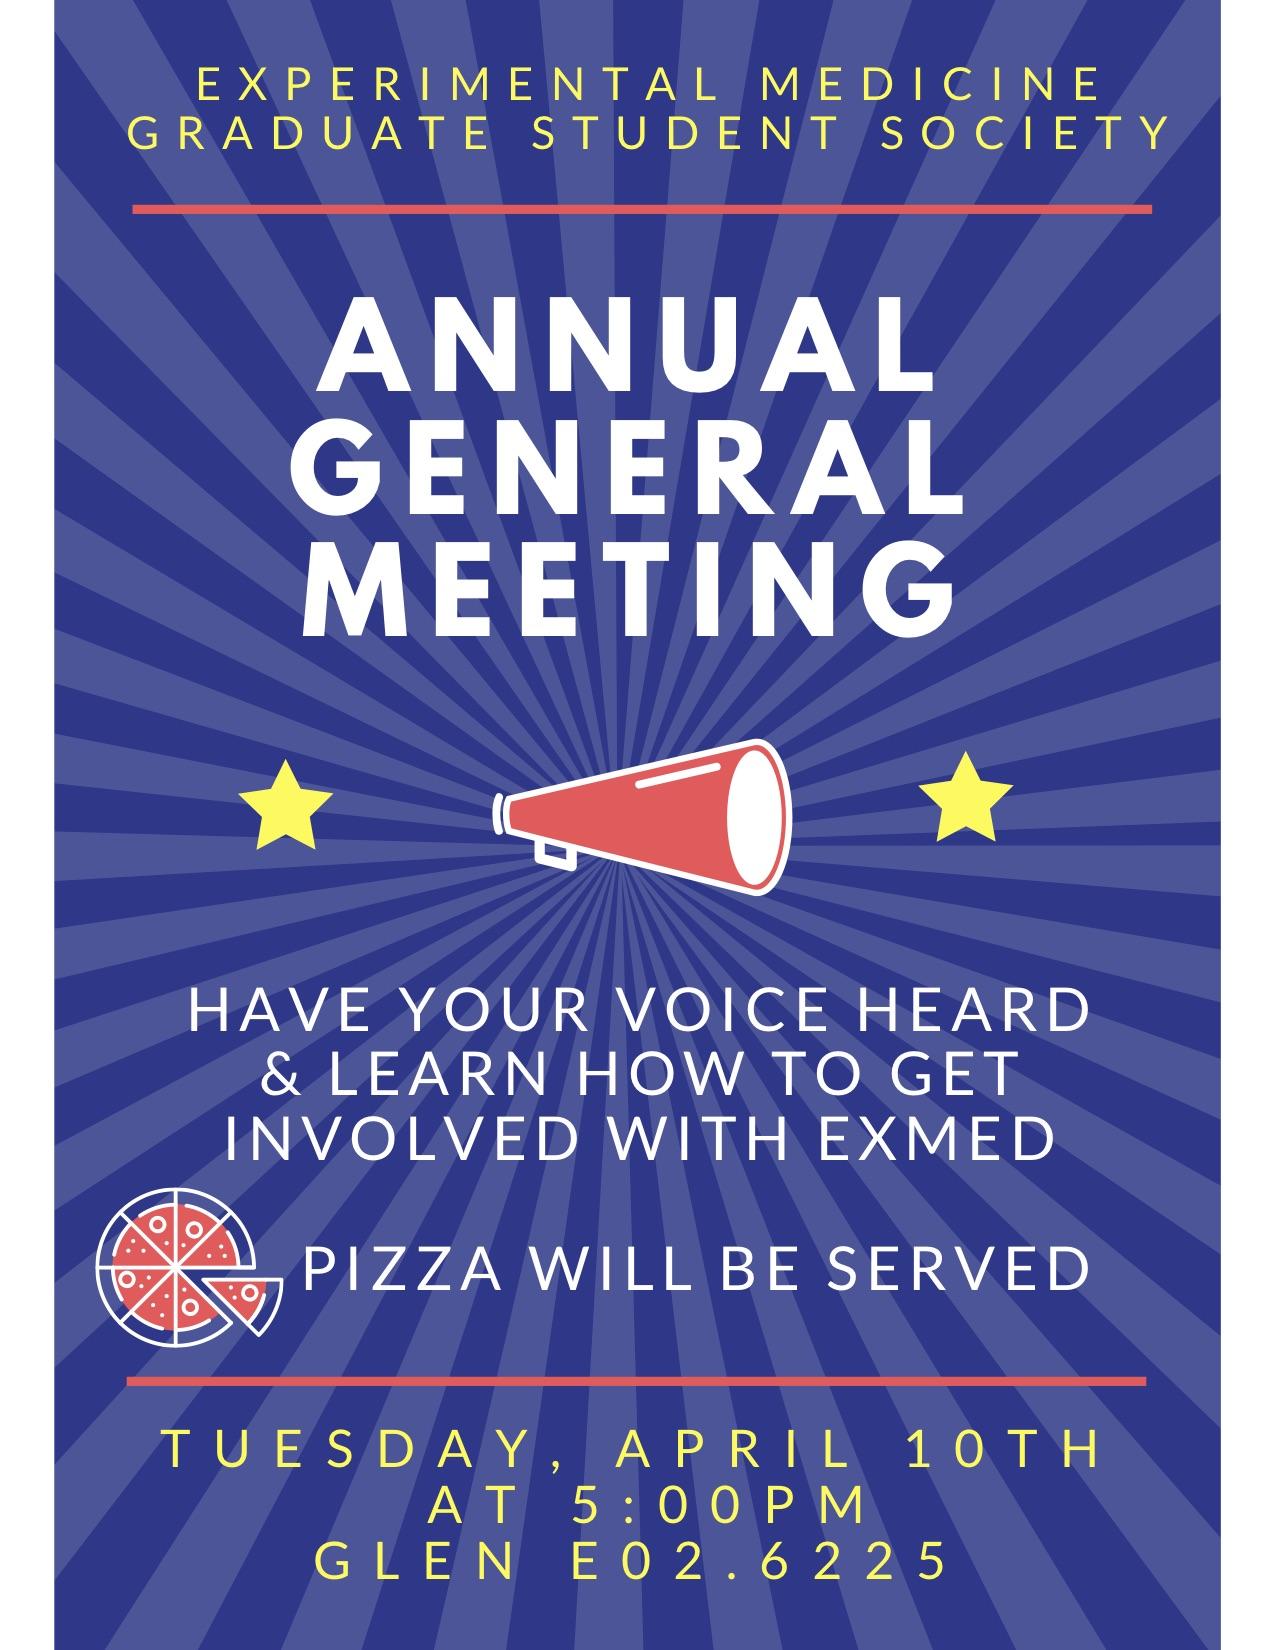 ANNUALGENERAL MEETING-2-2.jpg